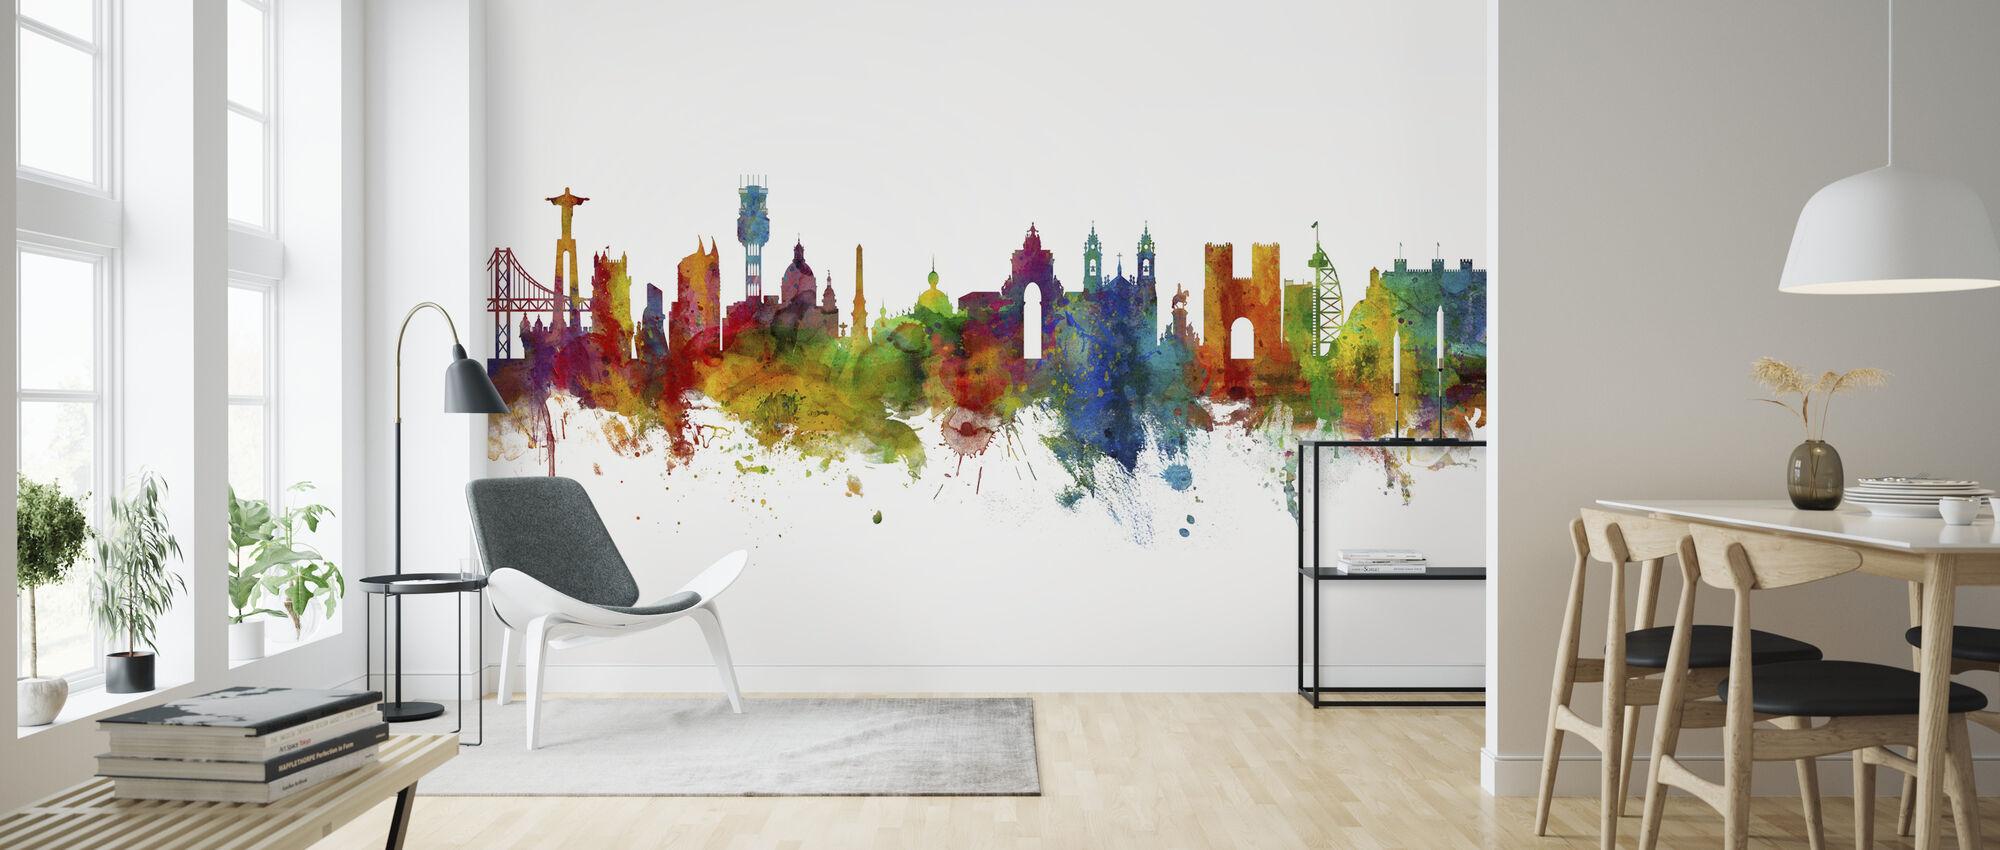 Lisbon Skyline - Wallpaper - Living Room